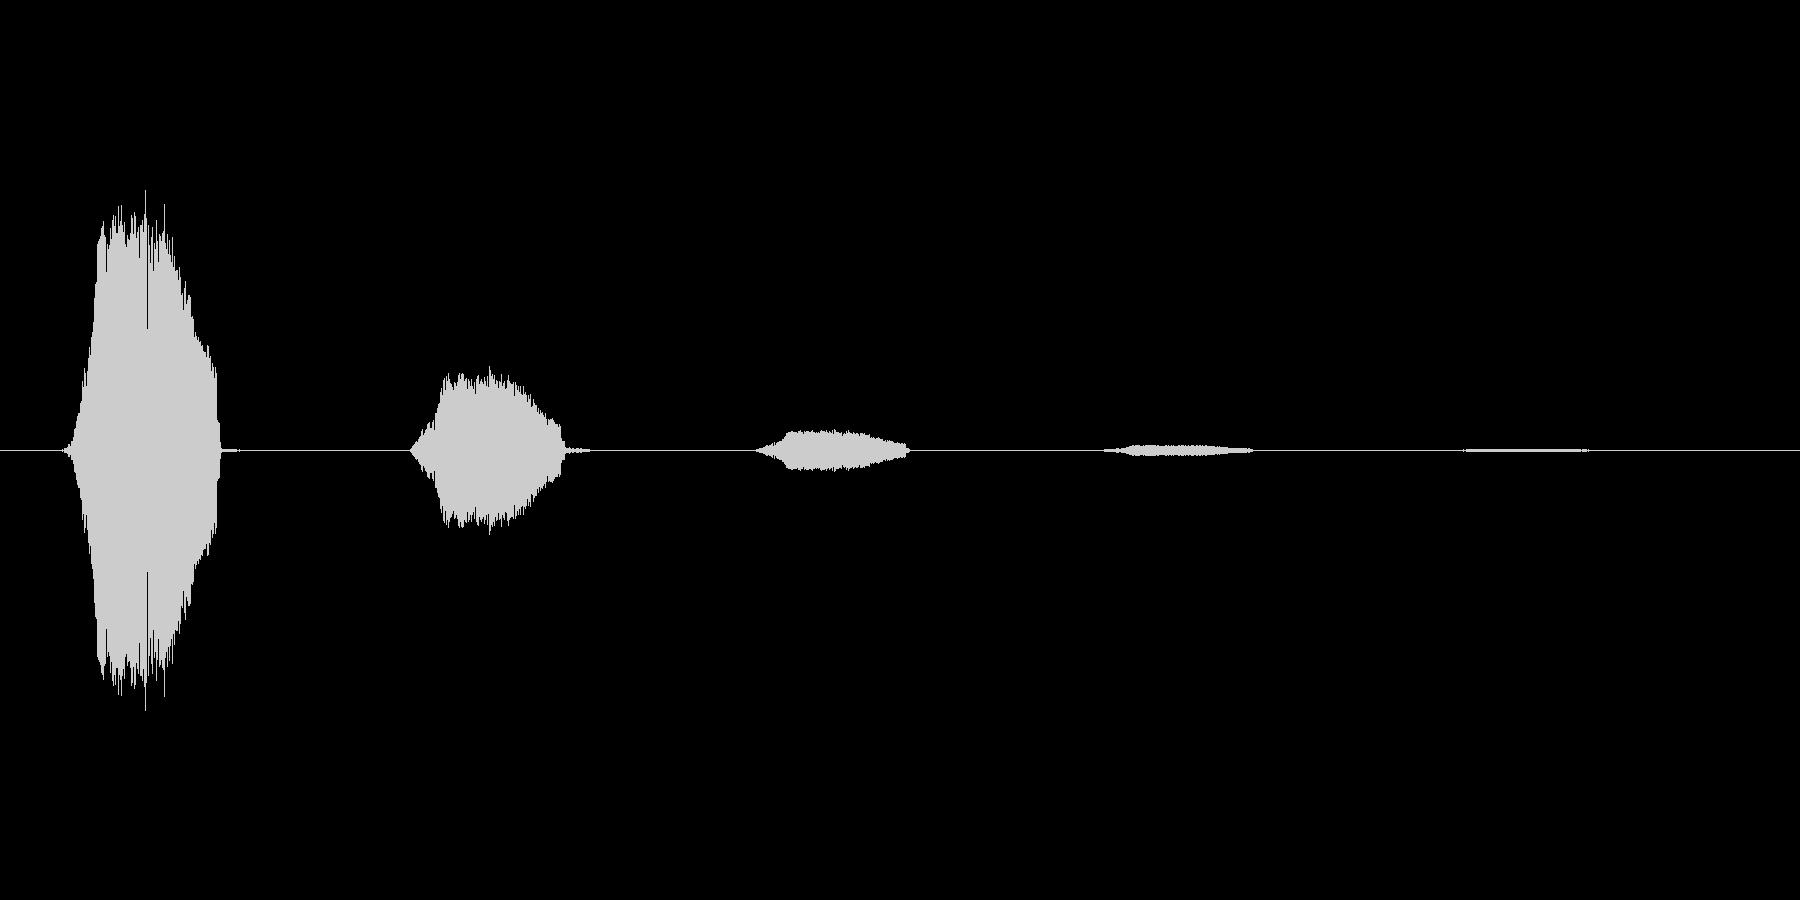 ファミコン風効果音決定音系です 15の未再生の波形